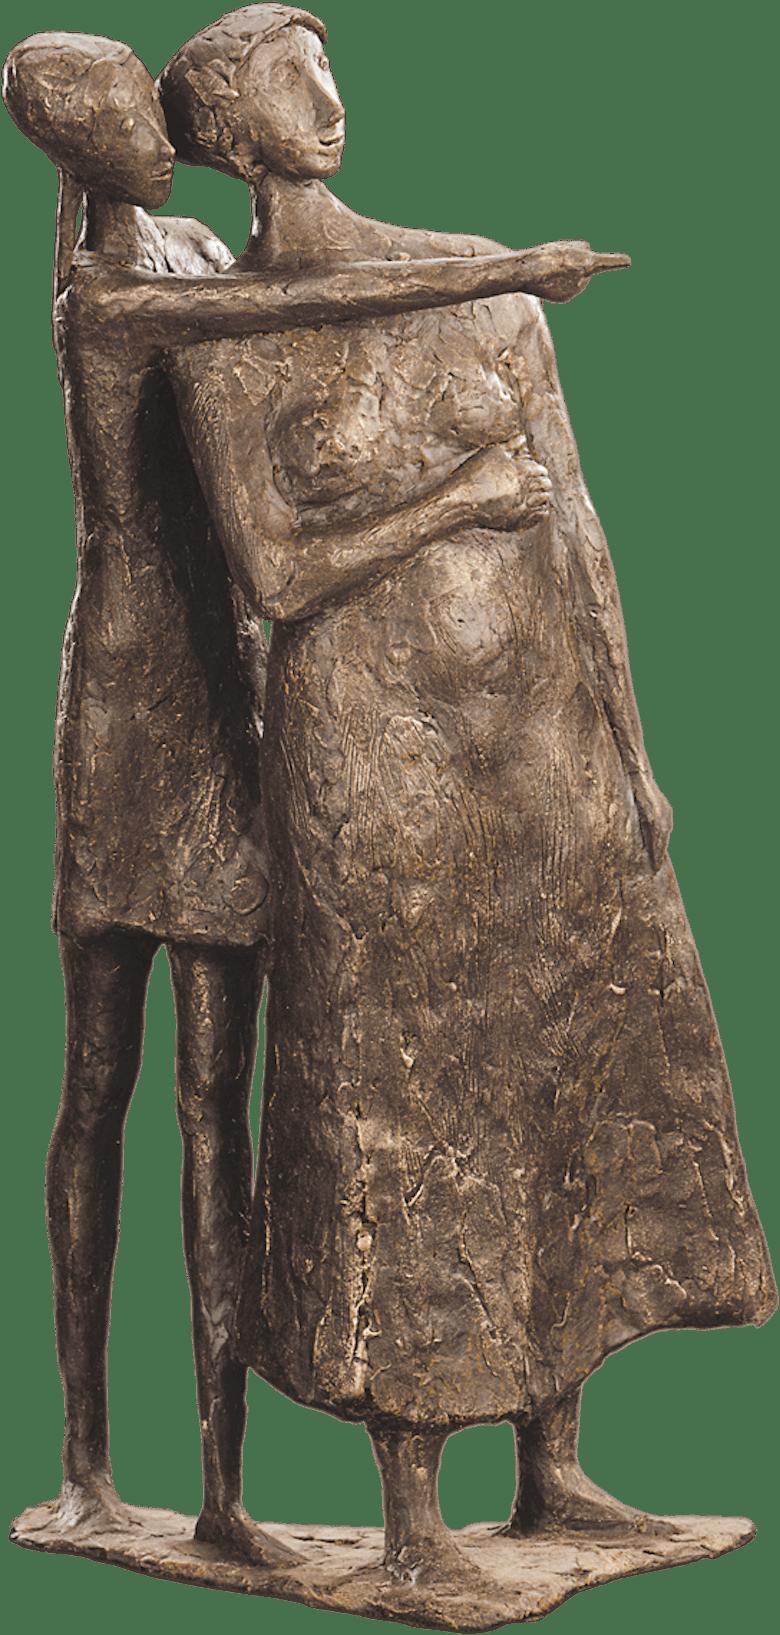 Bronzefigur Zeigen von Manfred Welzel